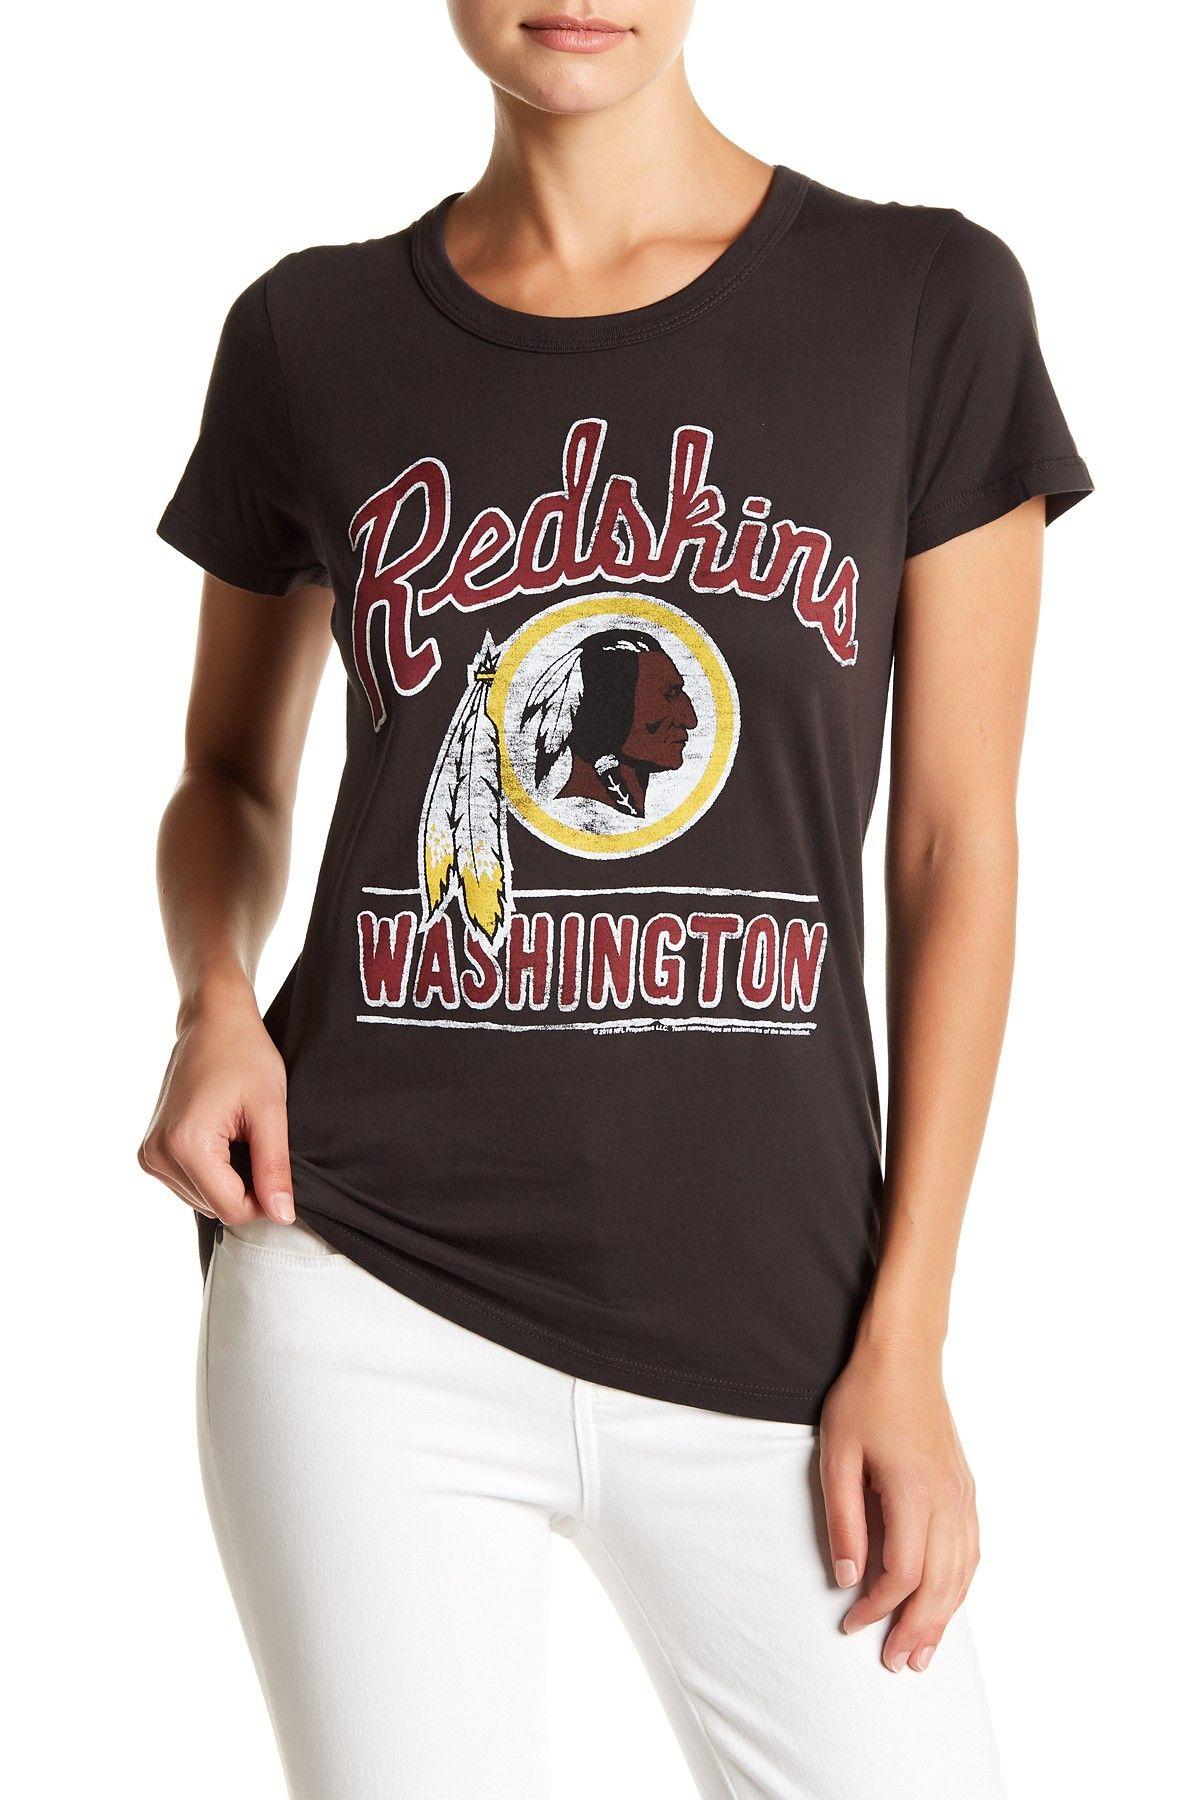 Washington Redskins Basic Tee